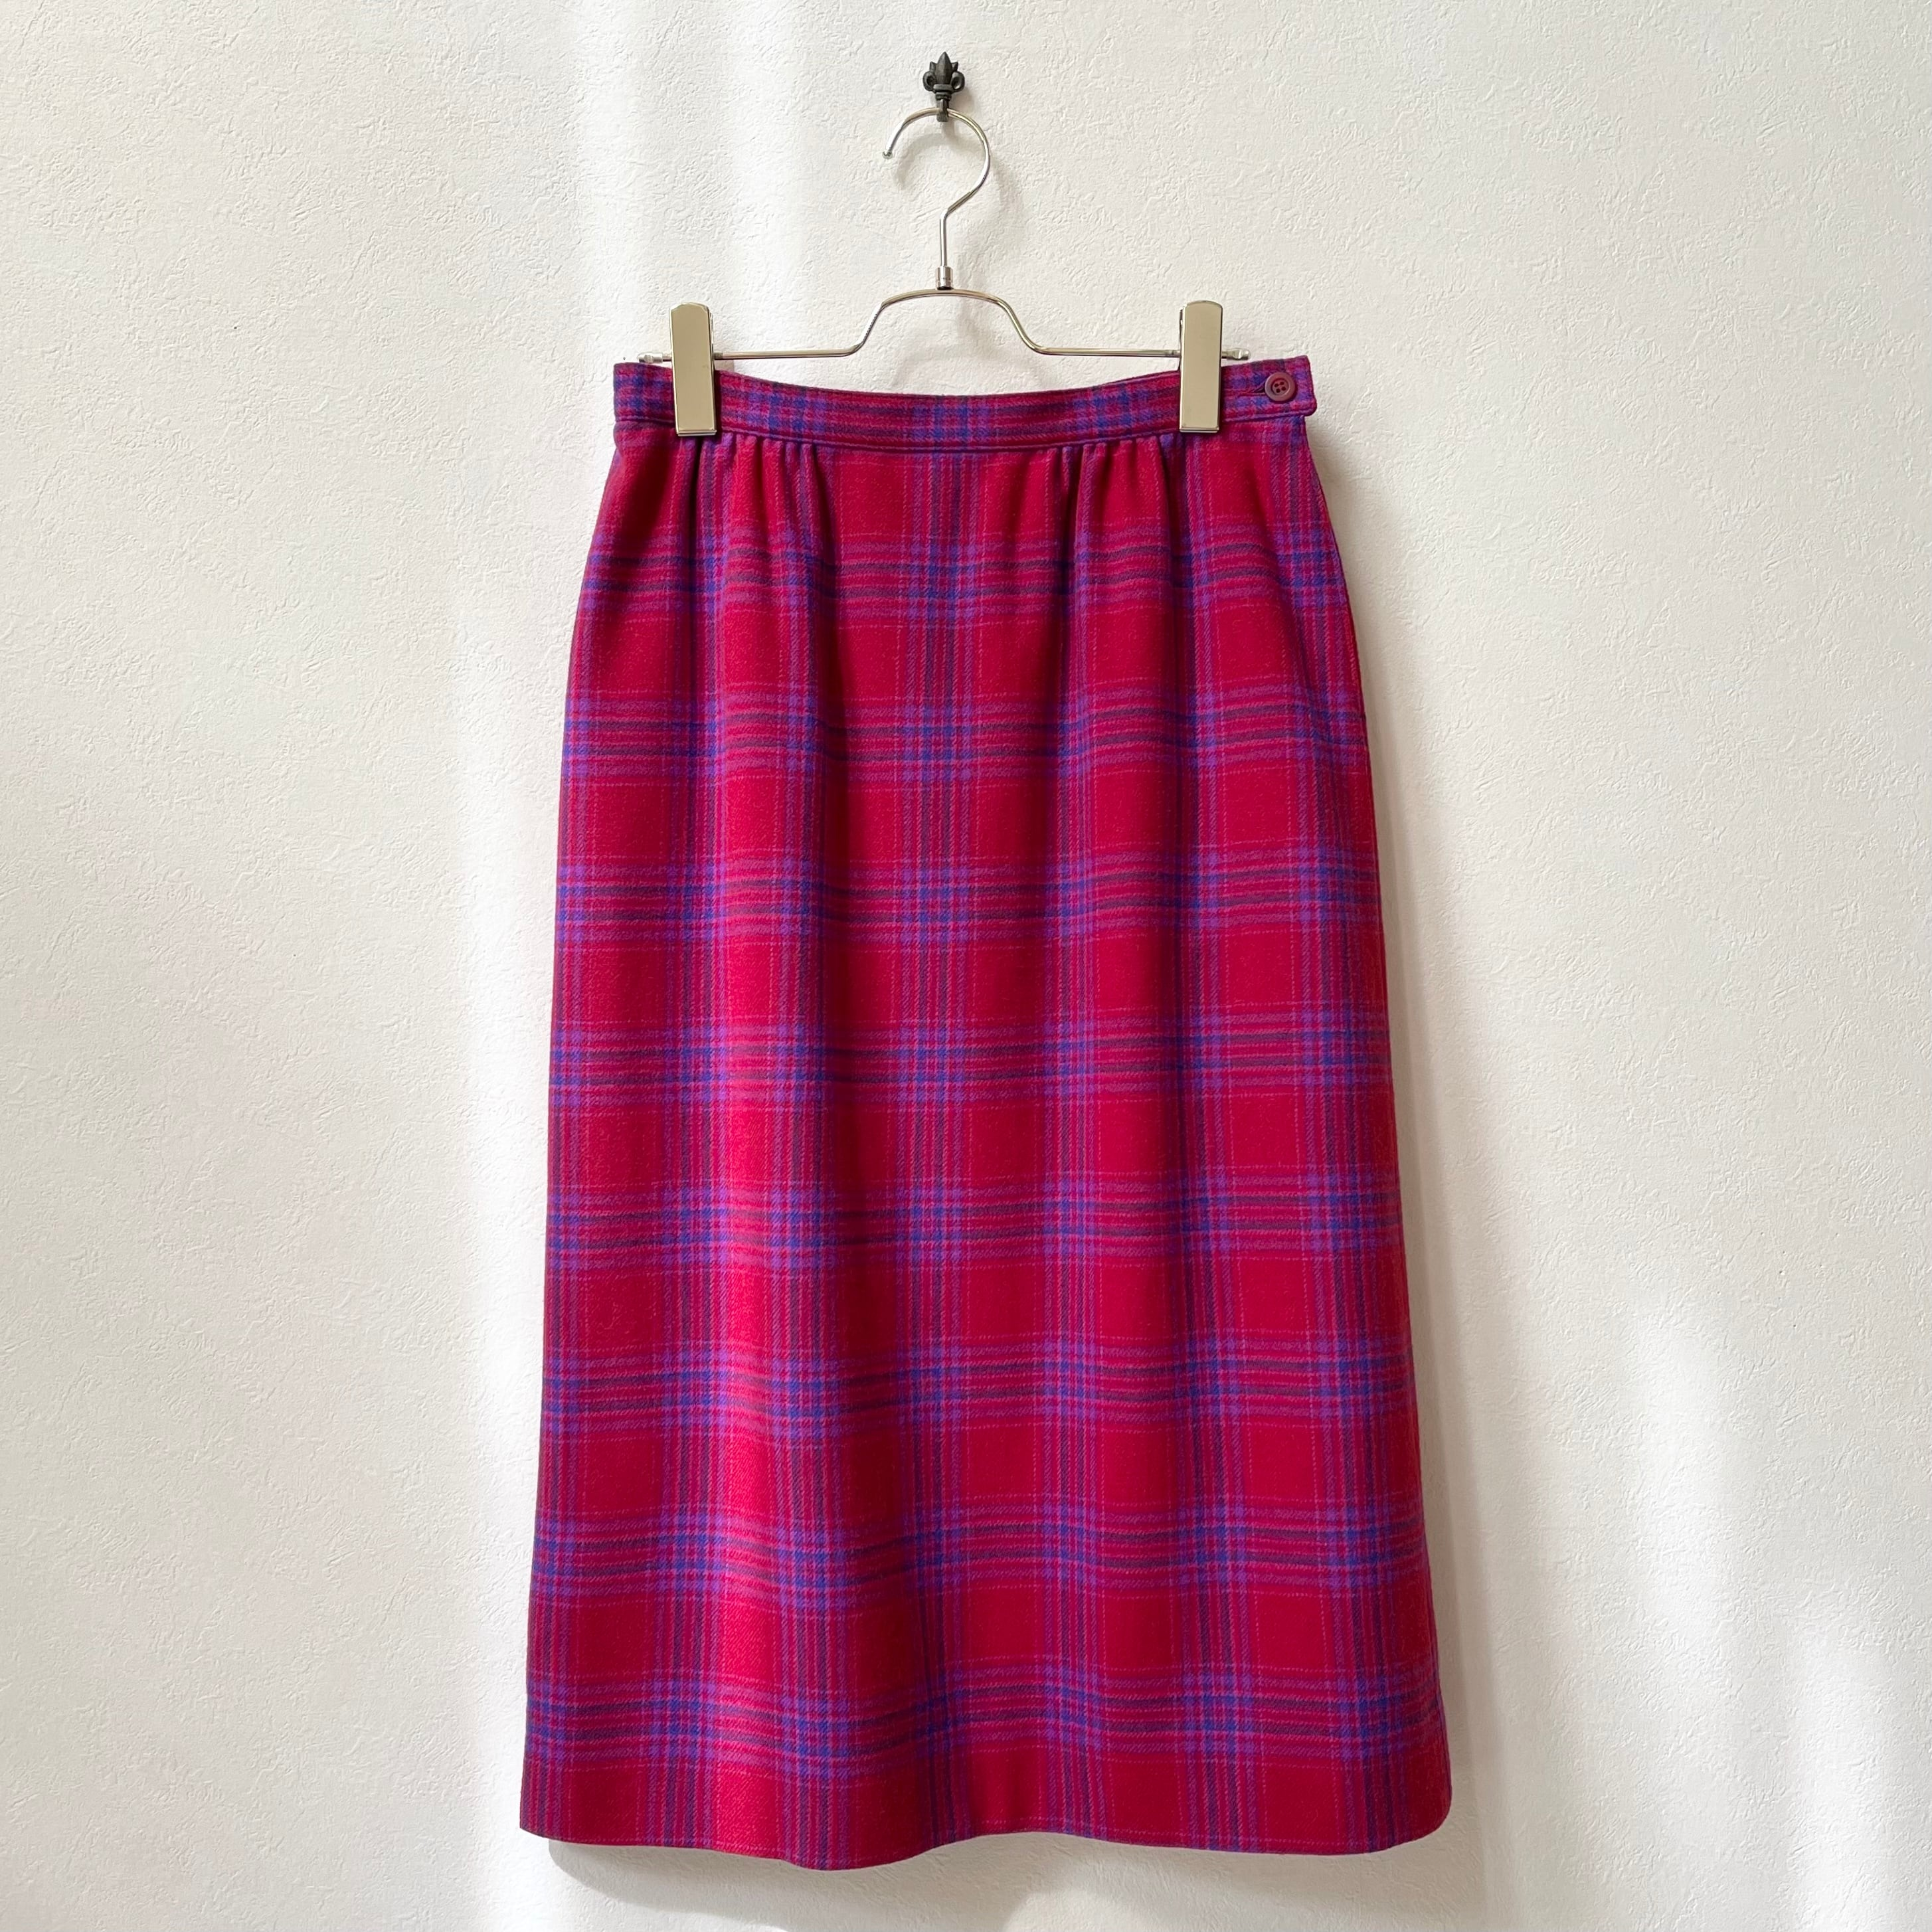 ペンドルトン PENDLETON チェック柄スカート 70〜80年代  USA製 ヴィンテージ 古着 日本L